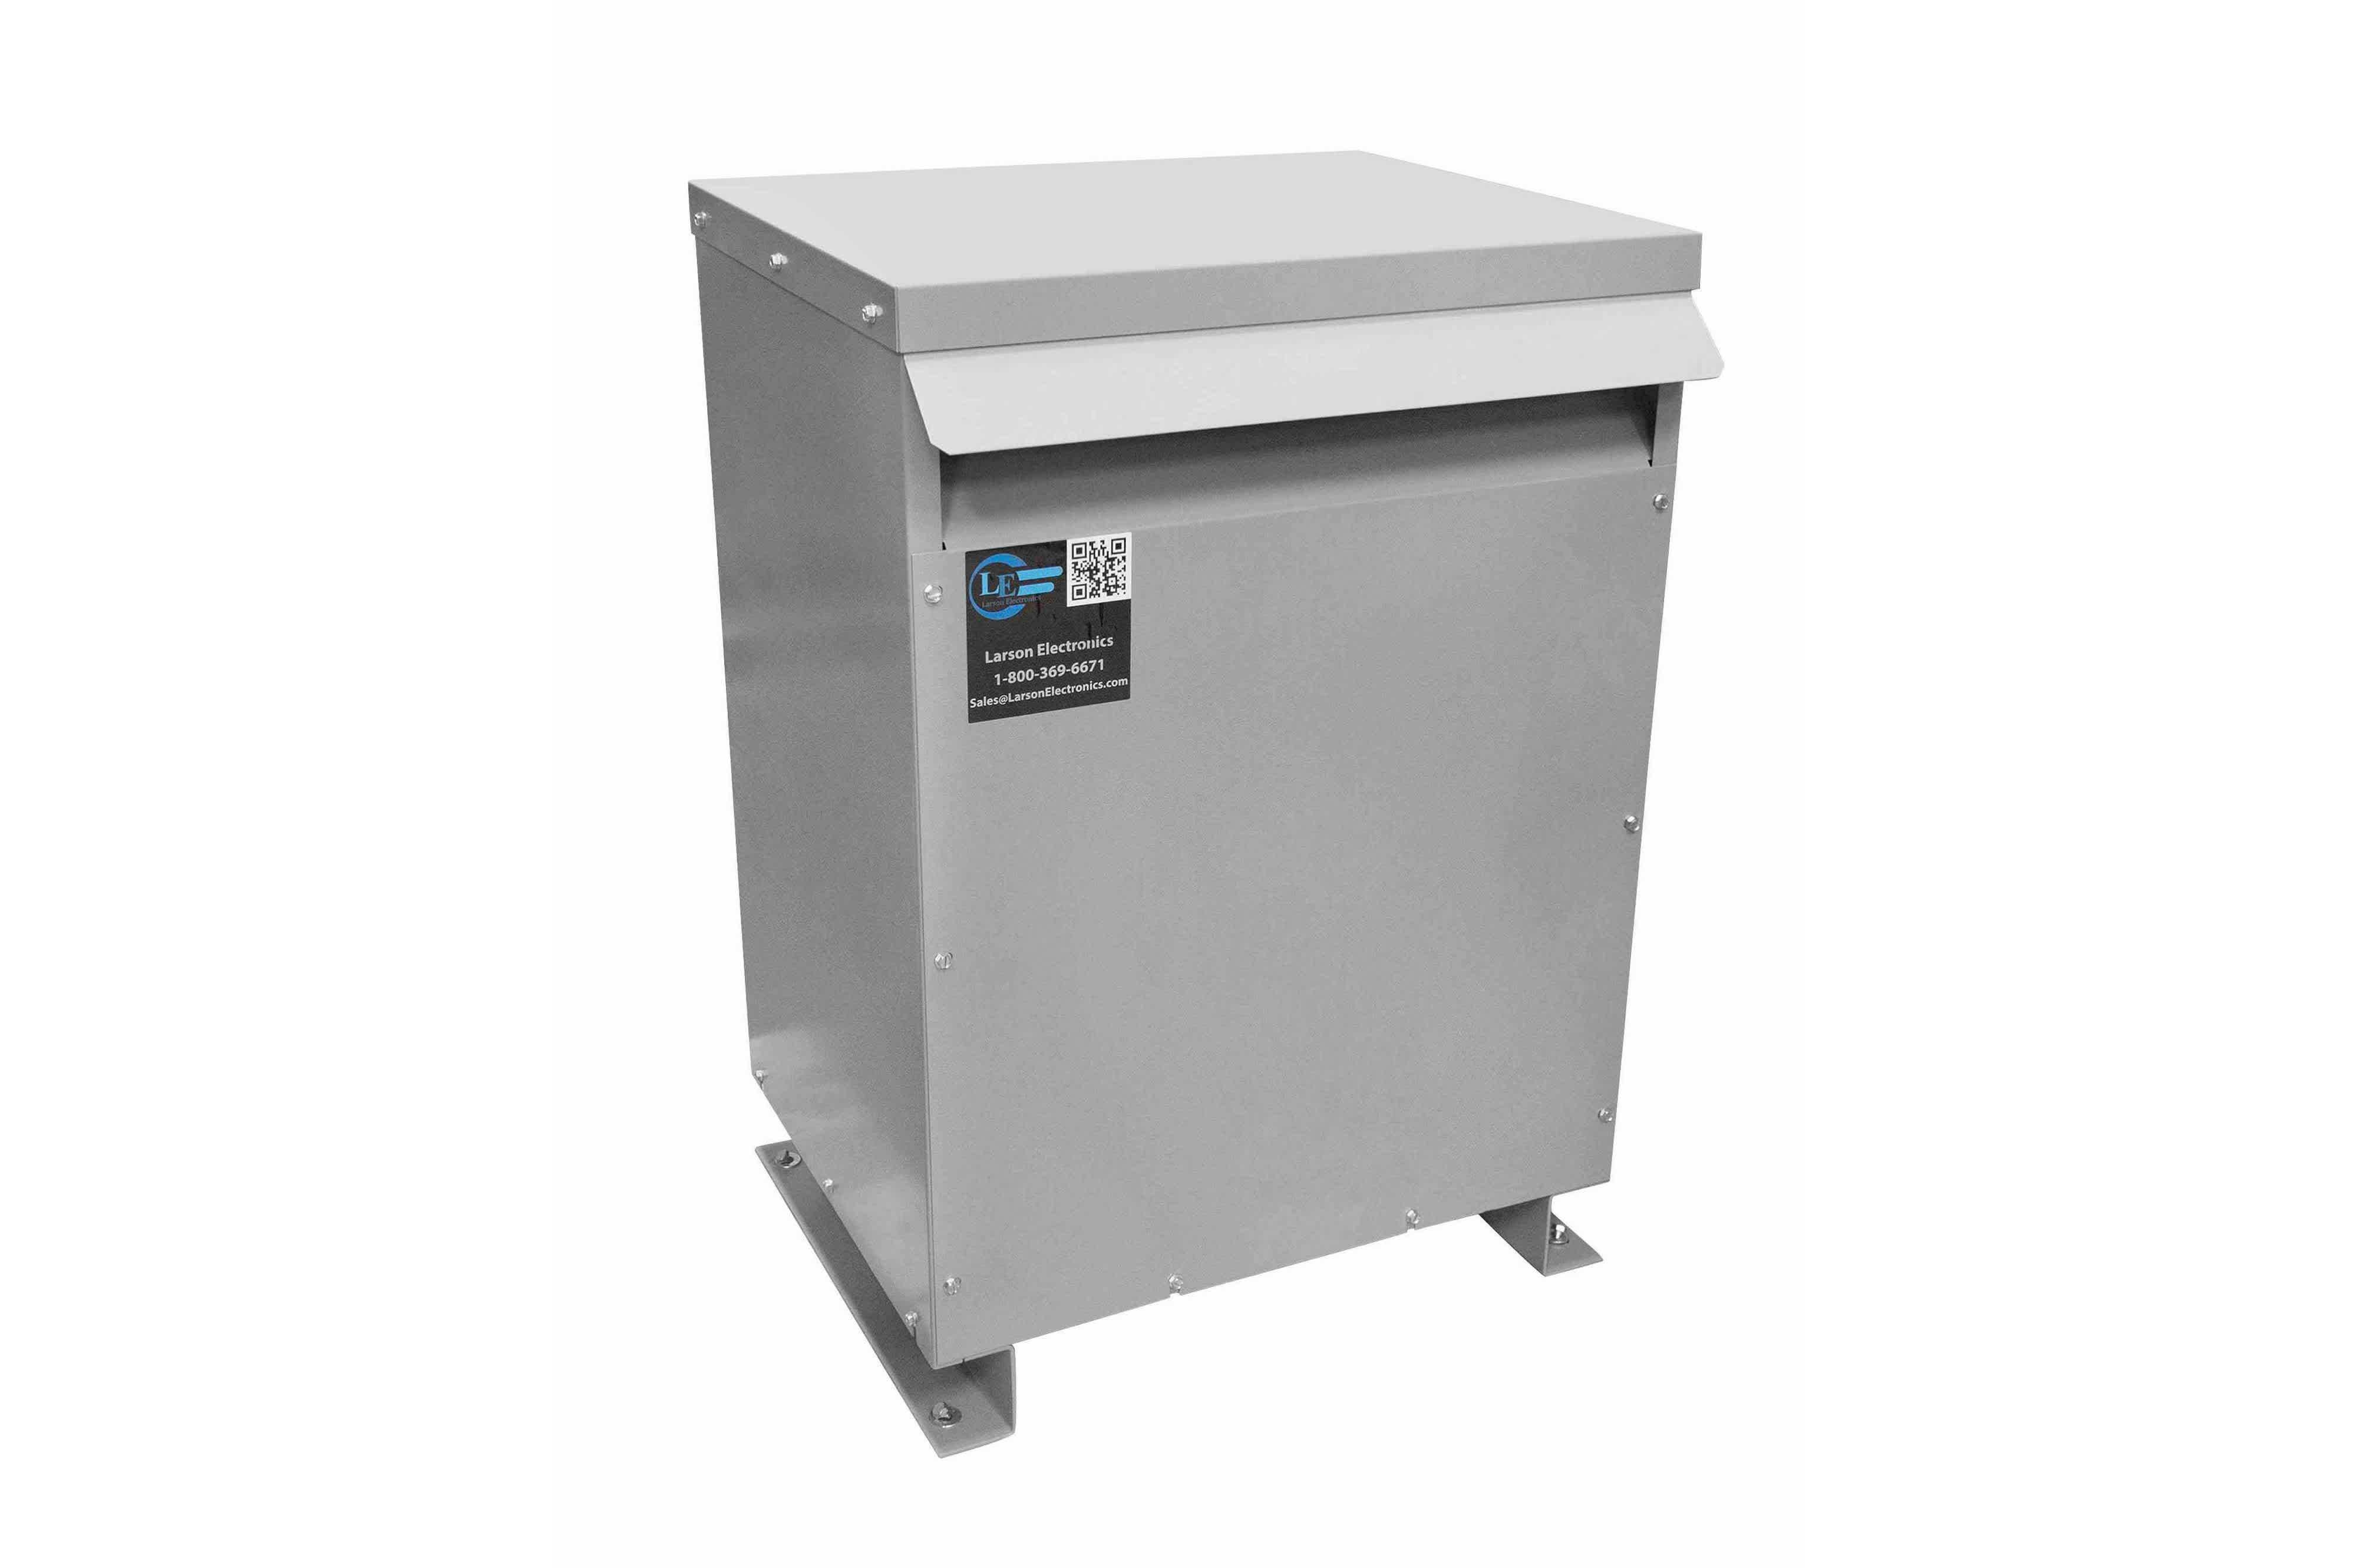 1000 kVA 3PH Isolation Transformer, 480V Delta Primary, 380V Delta Secondary, N3R, Ventilated, 60 Hz